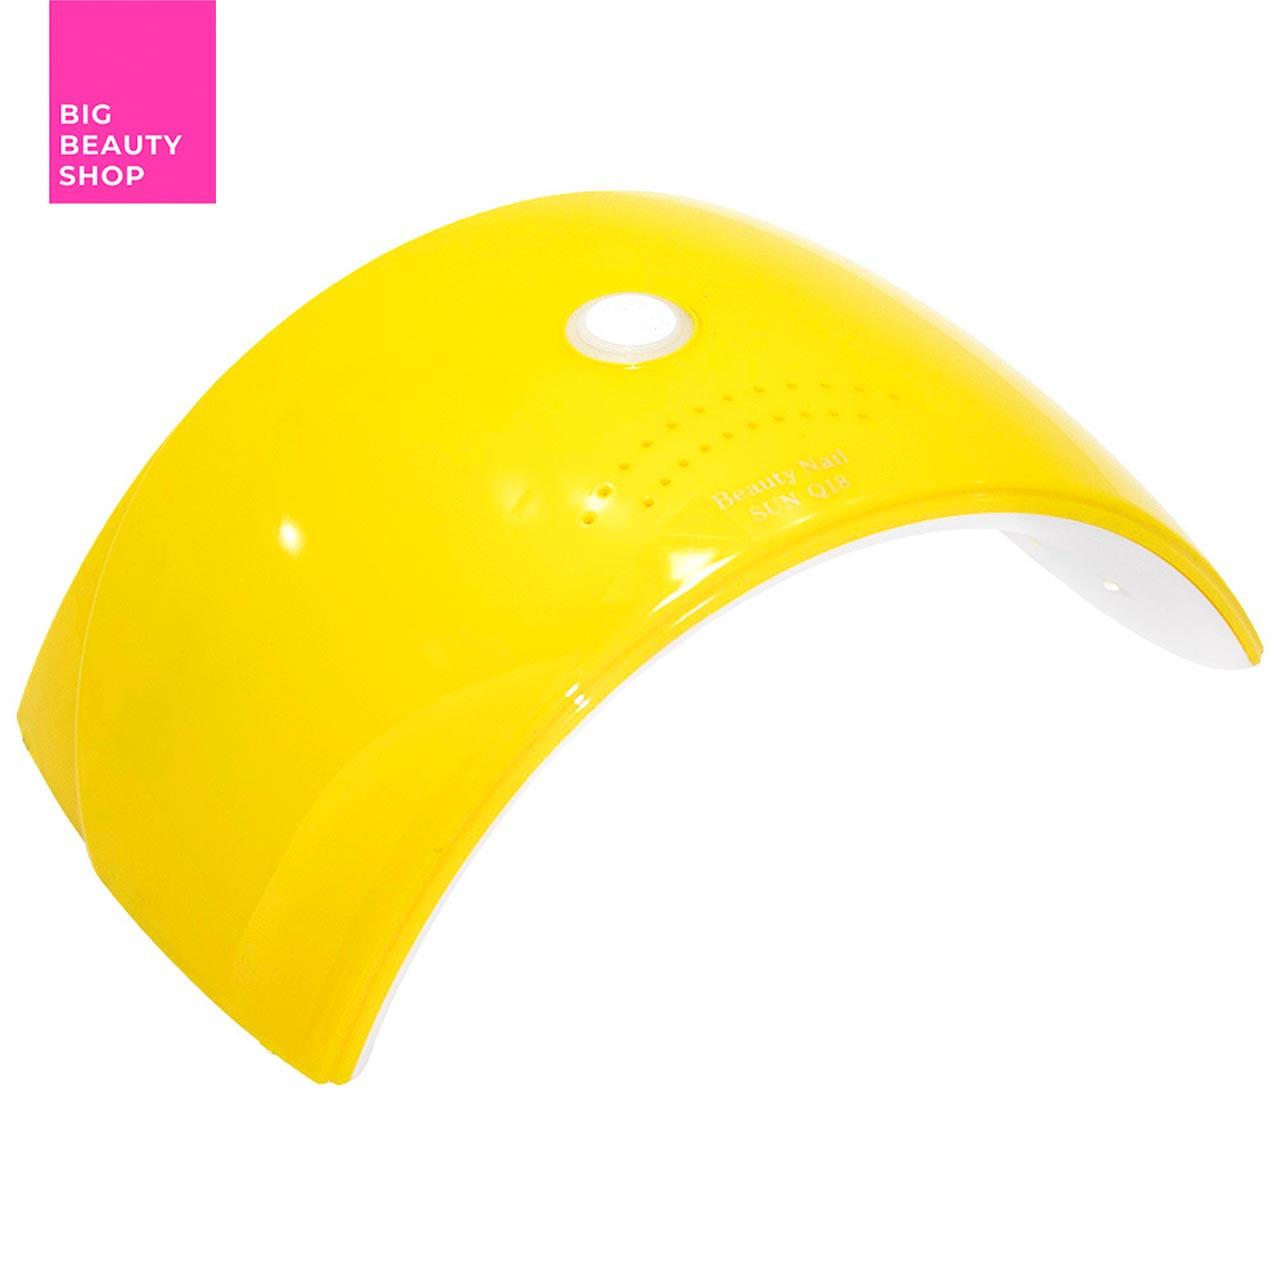 Профессиональная LED-лампа Sun Q18 для полимеризации геля, желтая 36W